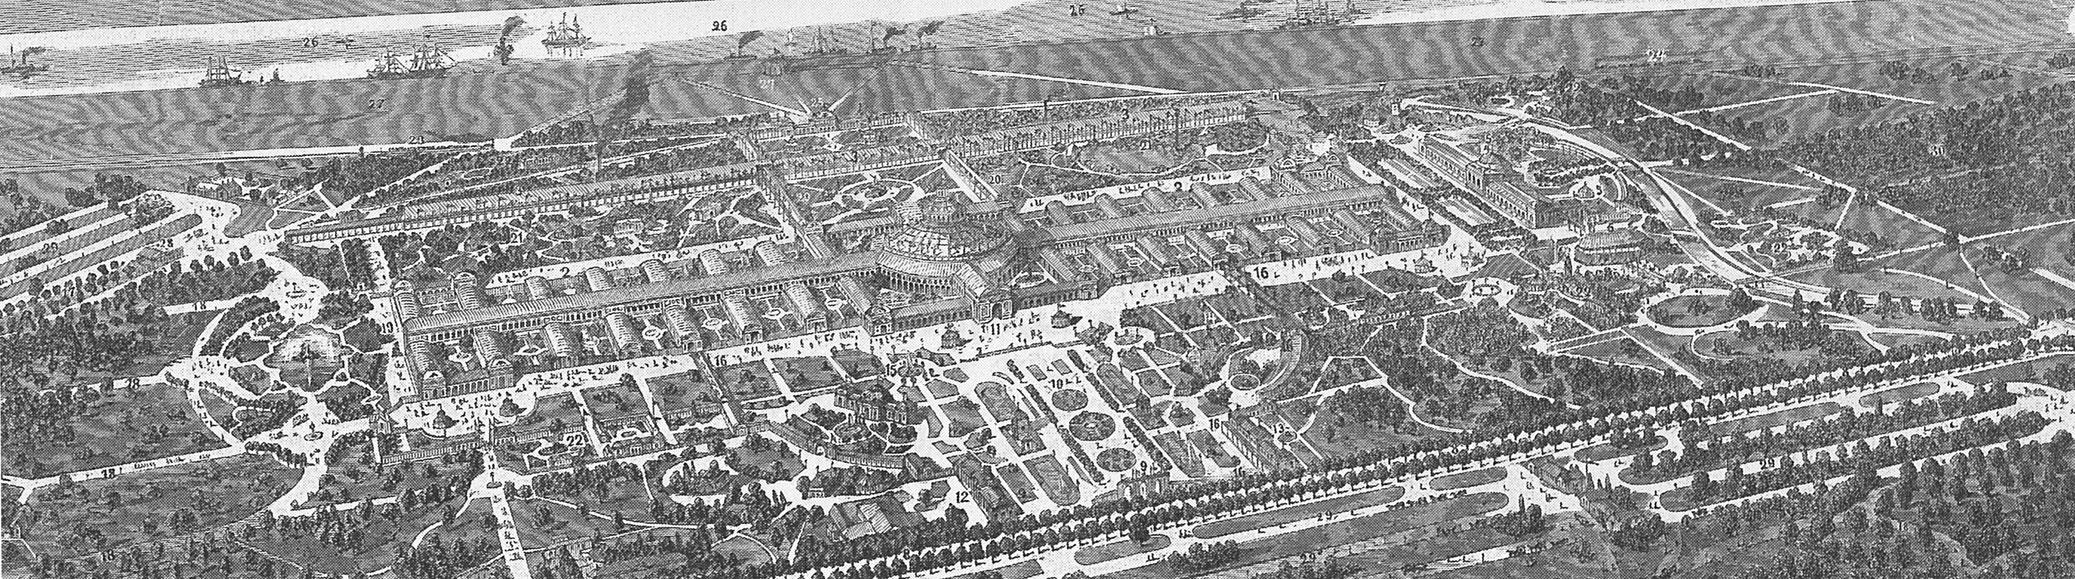 Weltausstellungsgelände-1873.jpg (2075×579)